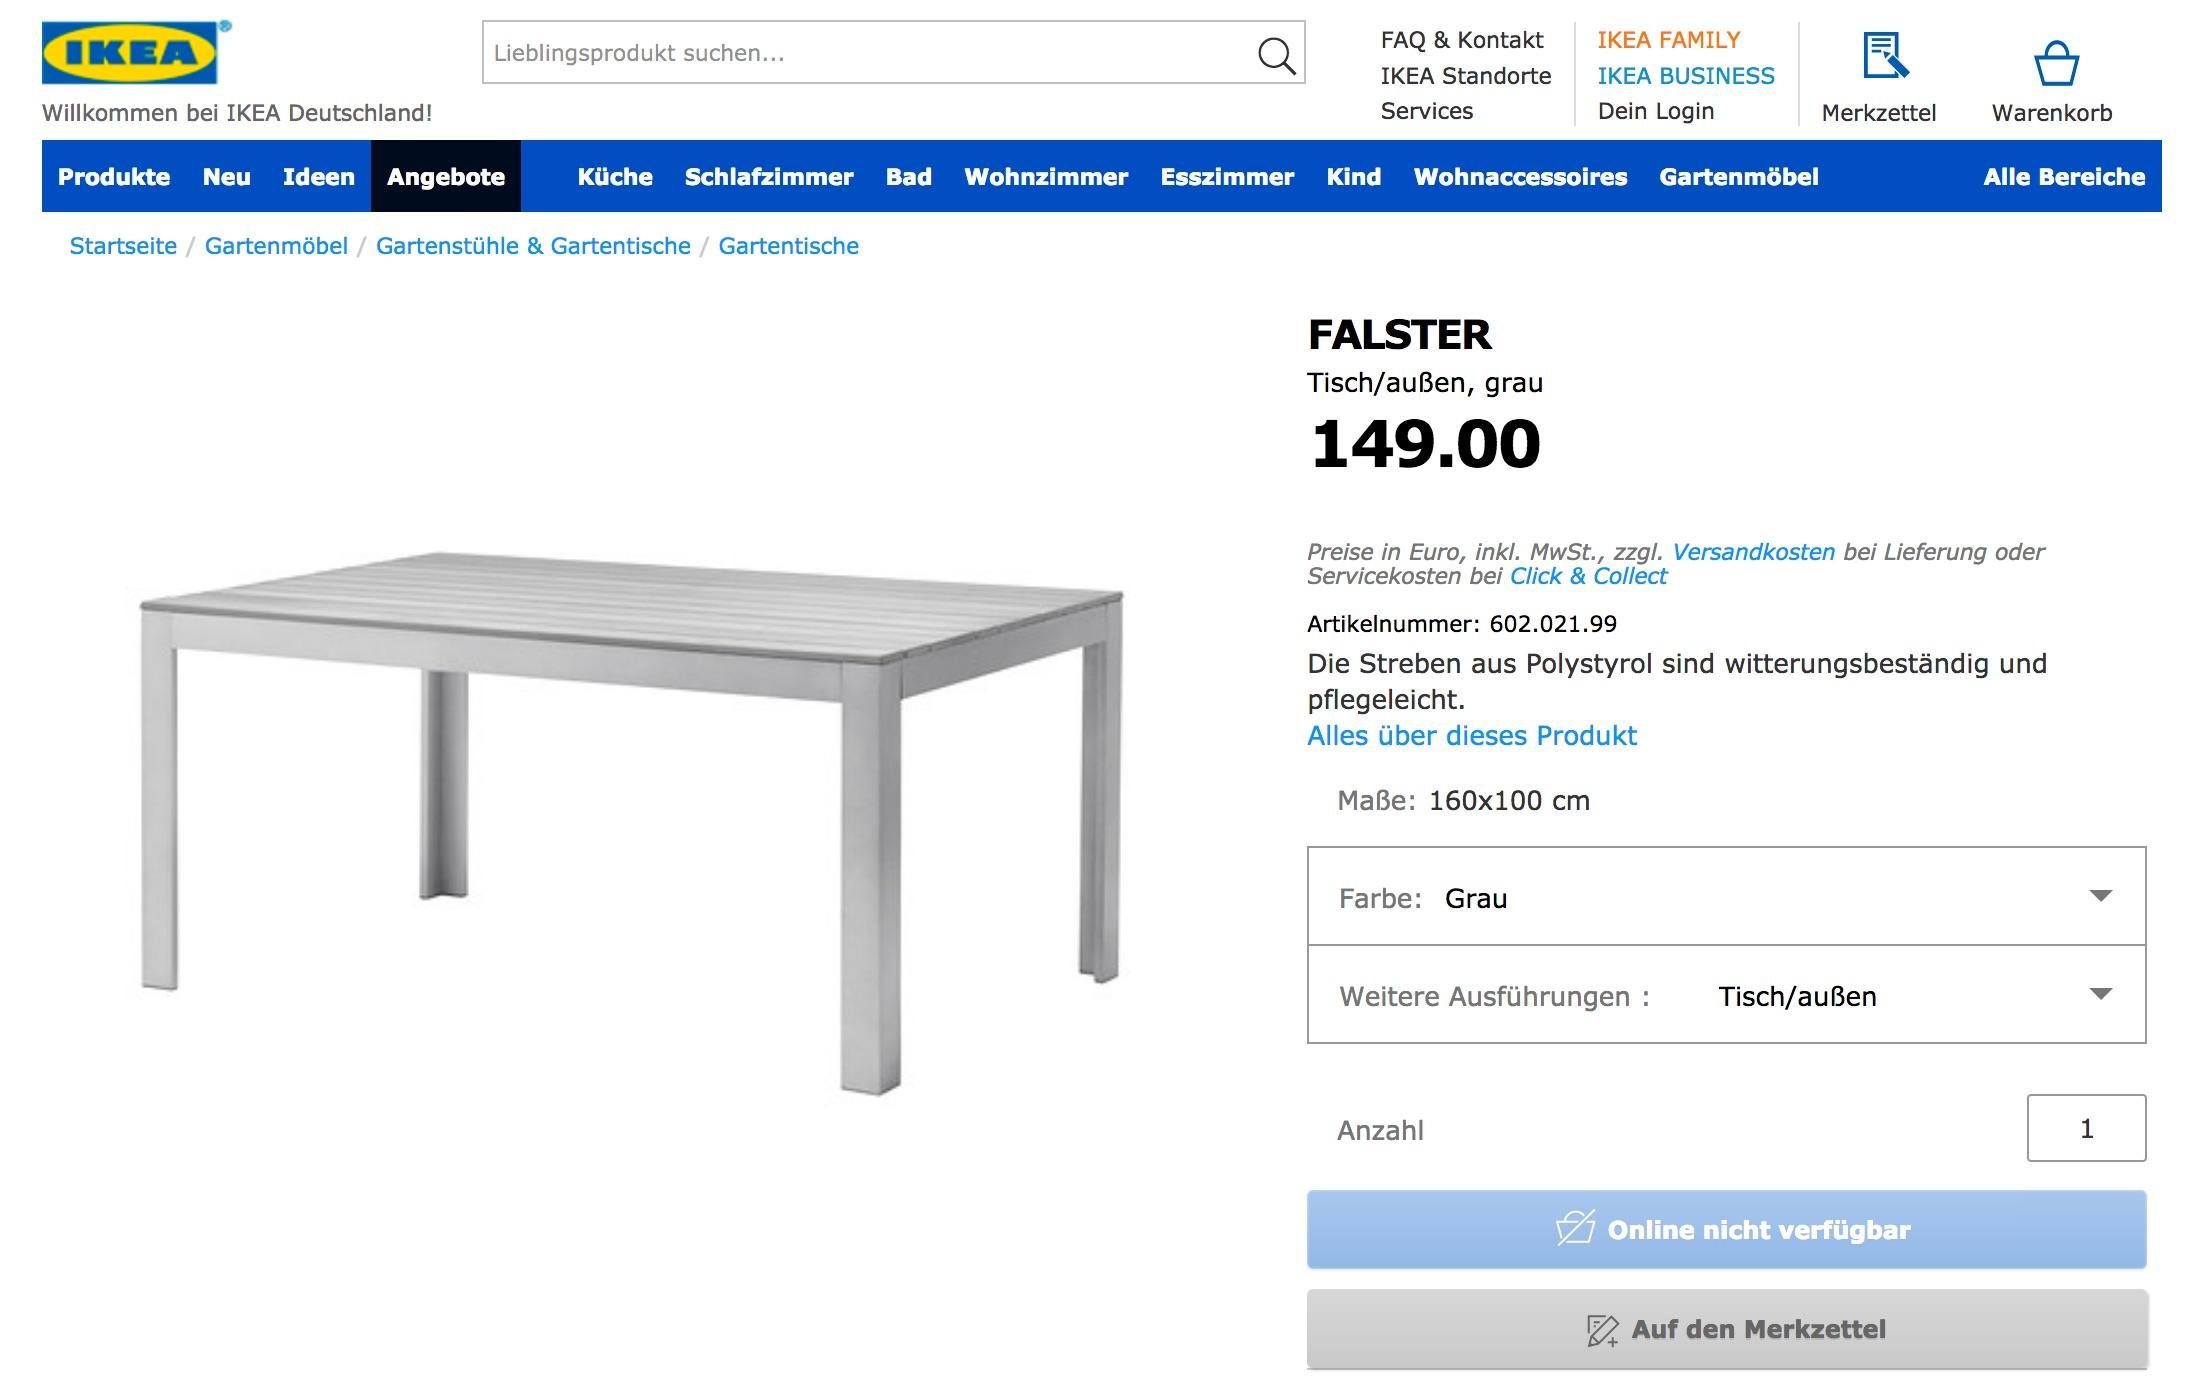 Full Size of Ikea Falster Hack Specialization Is For Insects Küche Kaufen Betten Bei Sofa Mit Schlaffunktion Miniküche Kosten Modulküche 160x200 Wohnzimmer Ikea Gartentisch